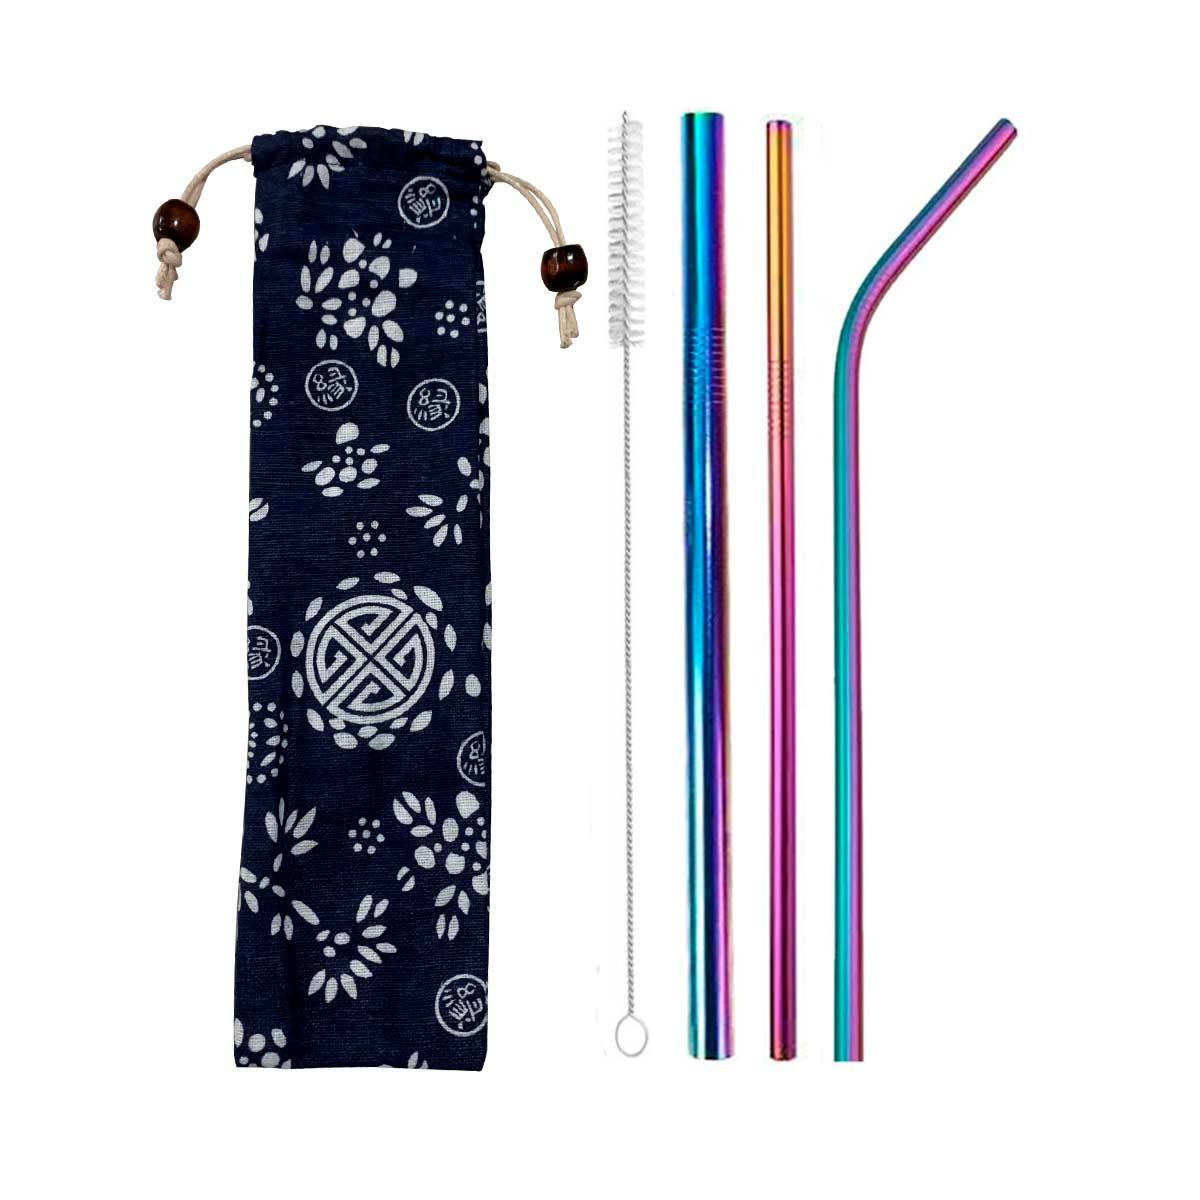 Kit 3 Canudos de Inox Colorido + Escova + Ecobag Estampada